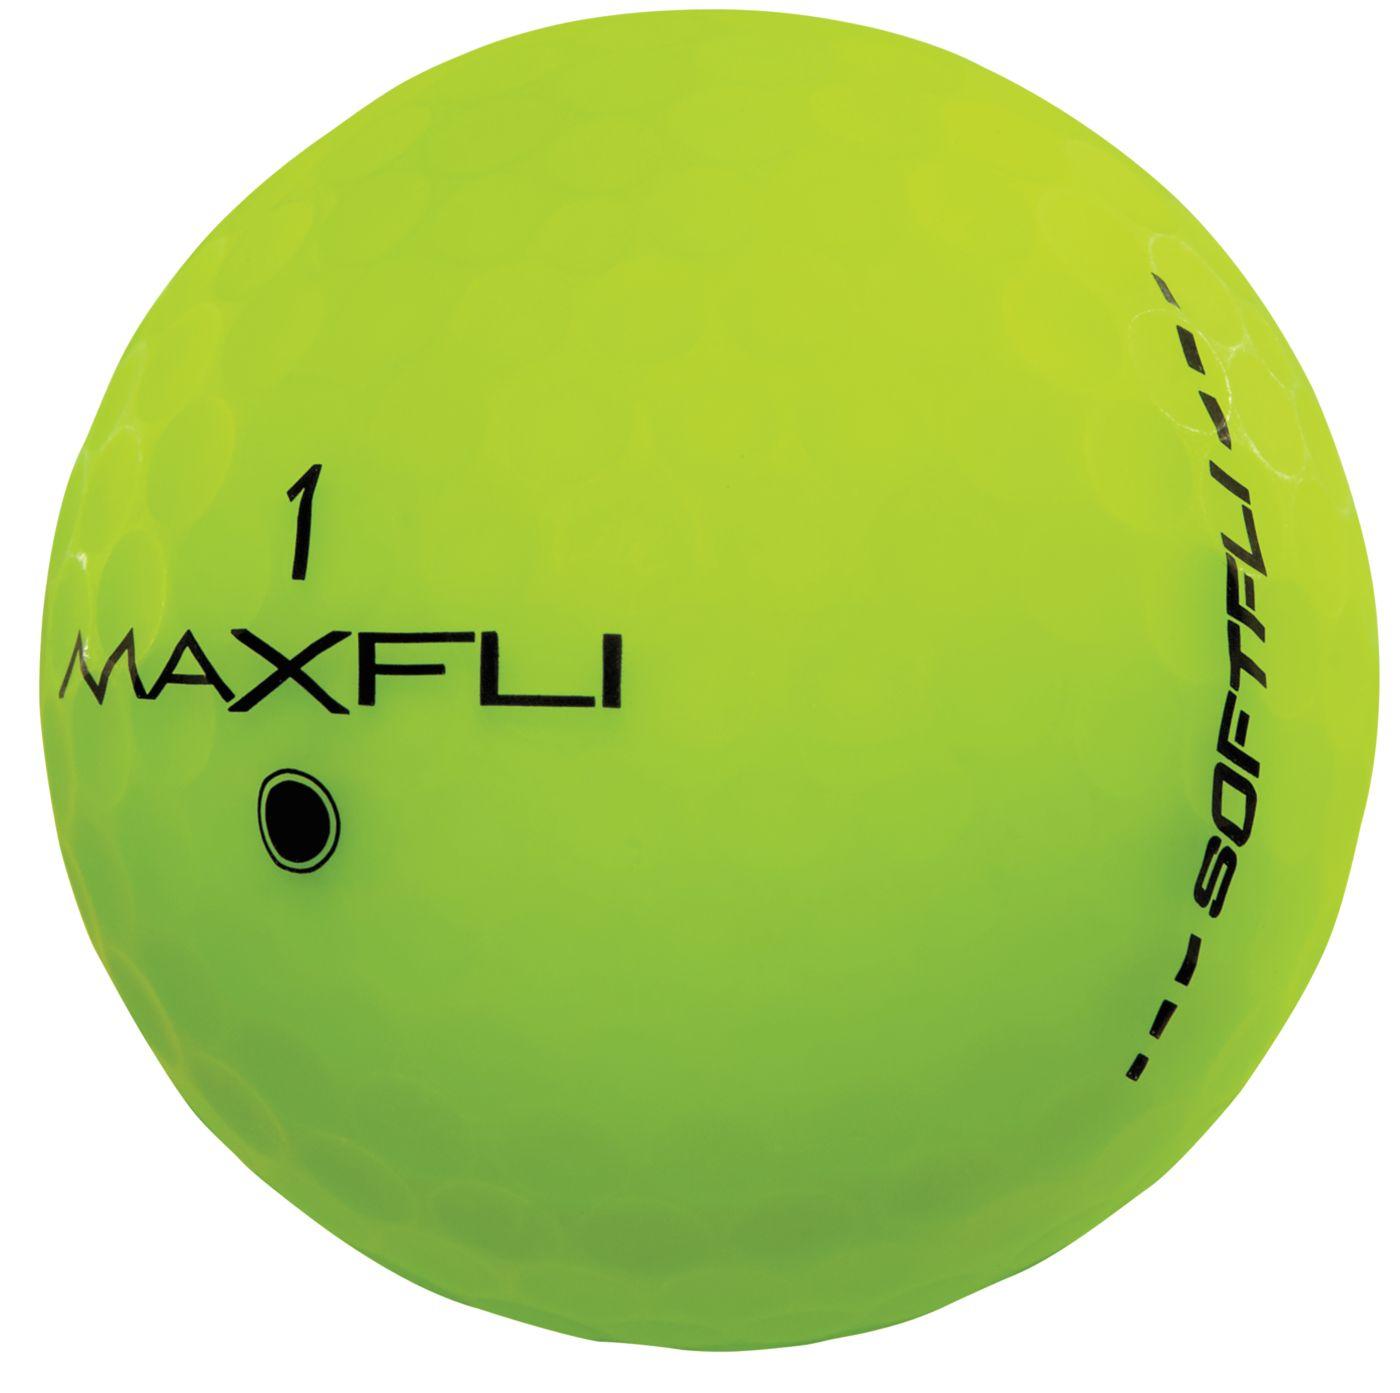 Maxfli SoftFli Matte Golf Balls – Green - 12 Pack